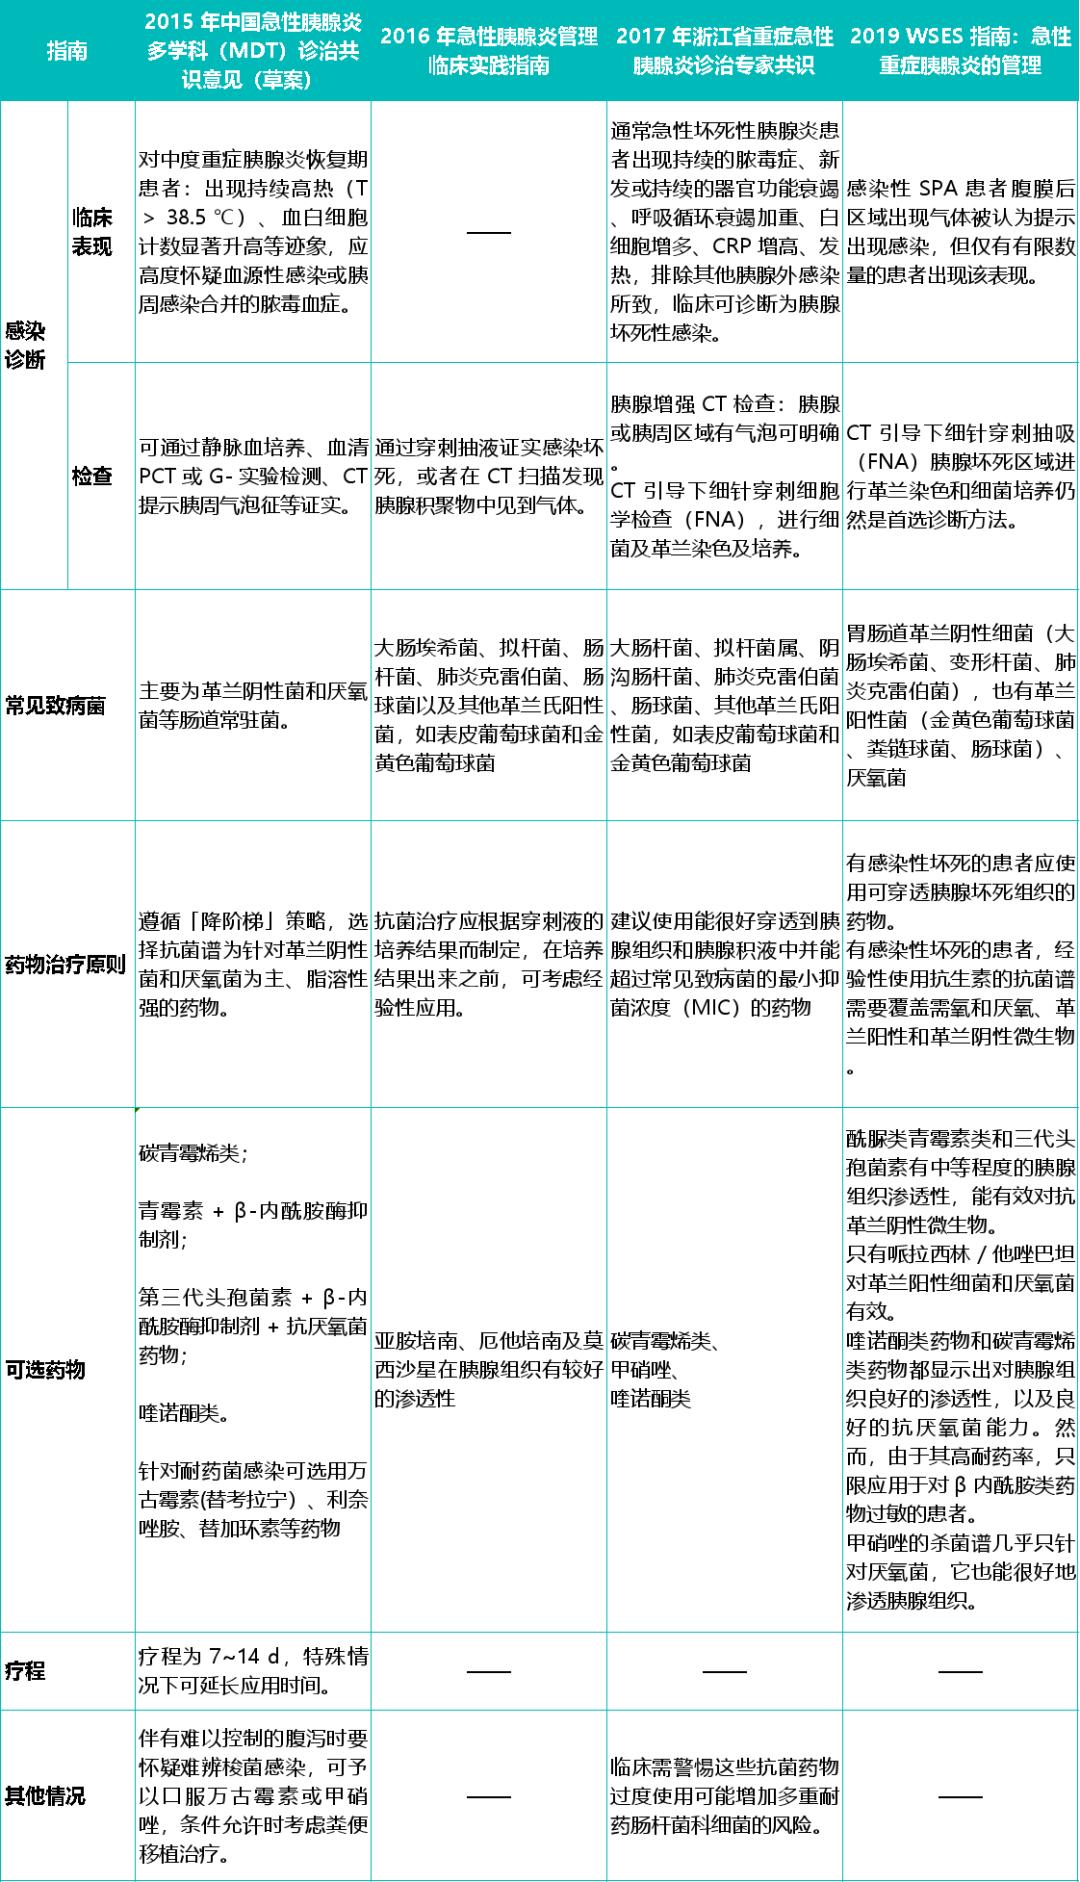 2013急性胰腺炎指南_遇上急性胰腺炎,抗菌药物用还是不用? - 丁香园